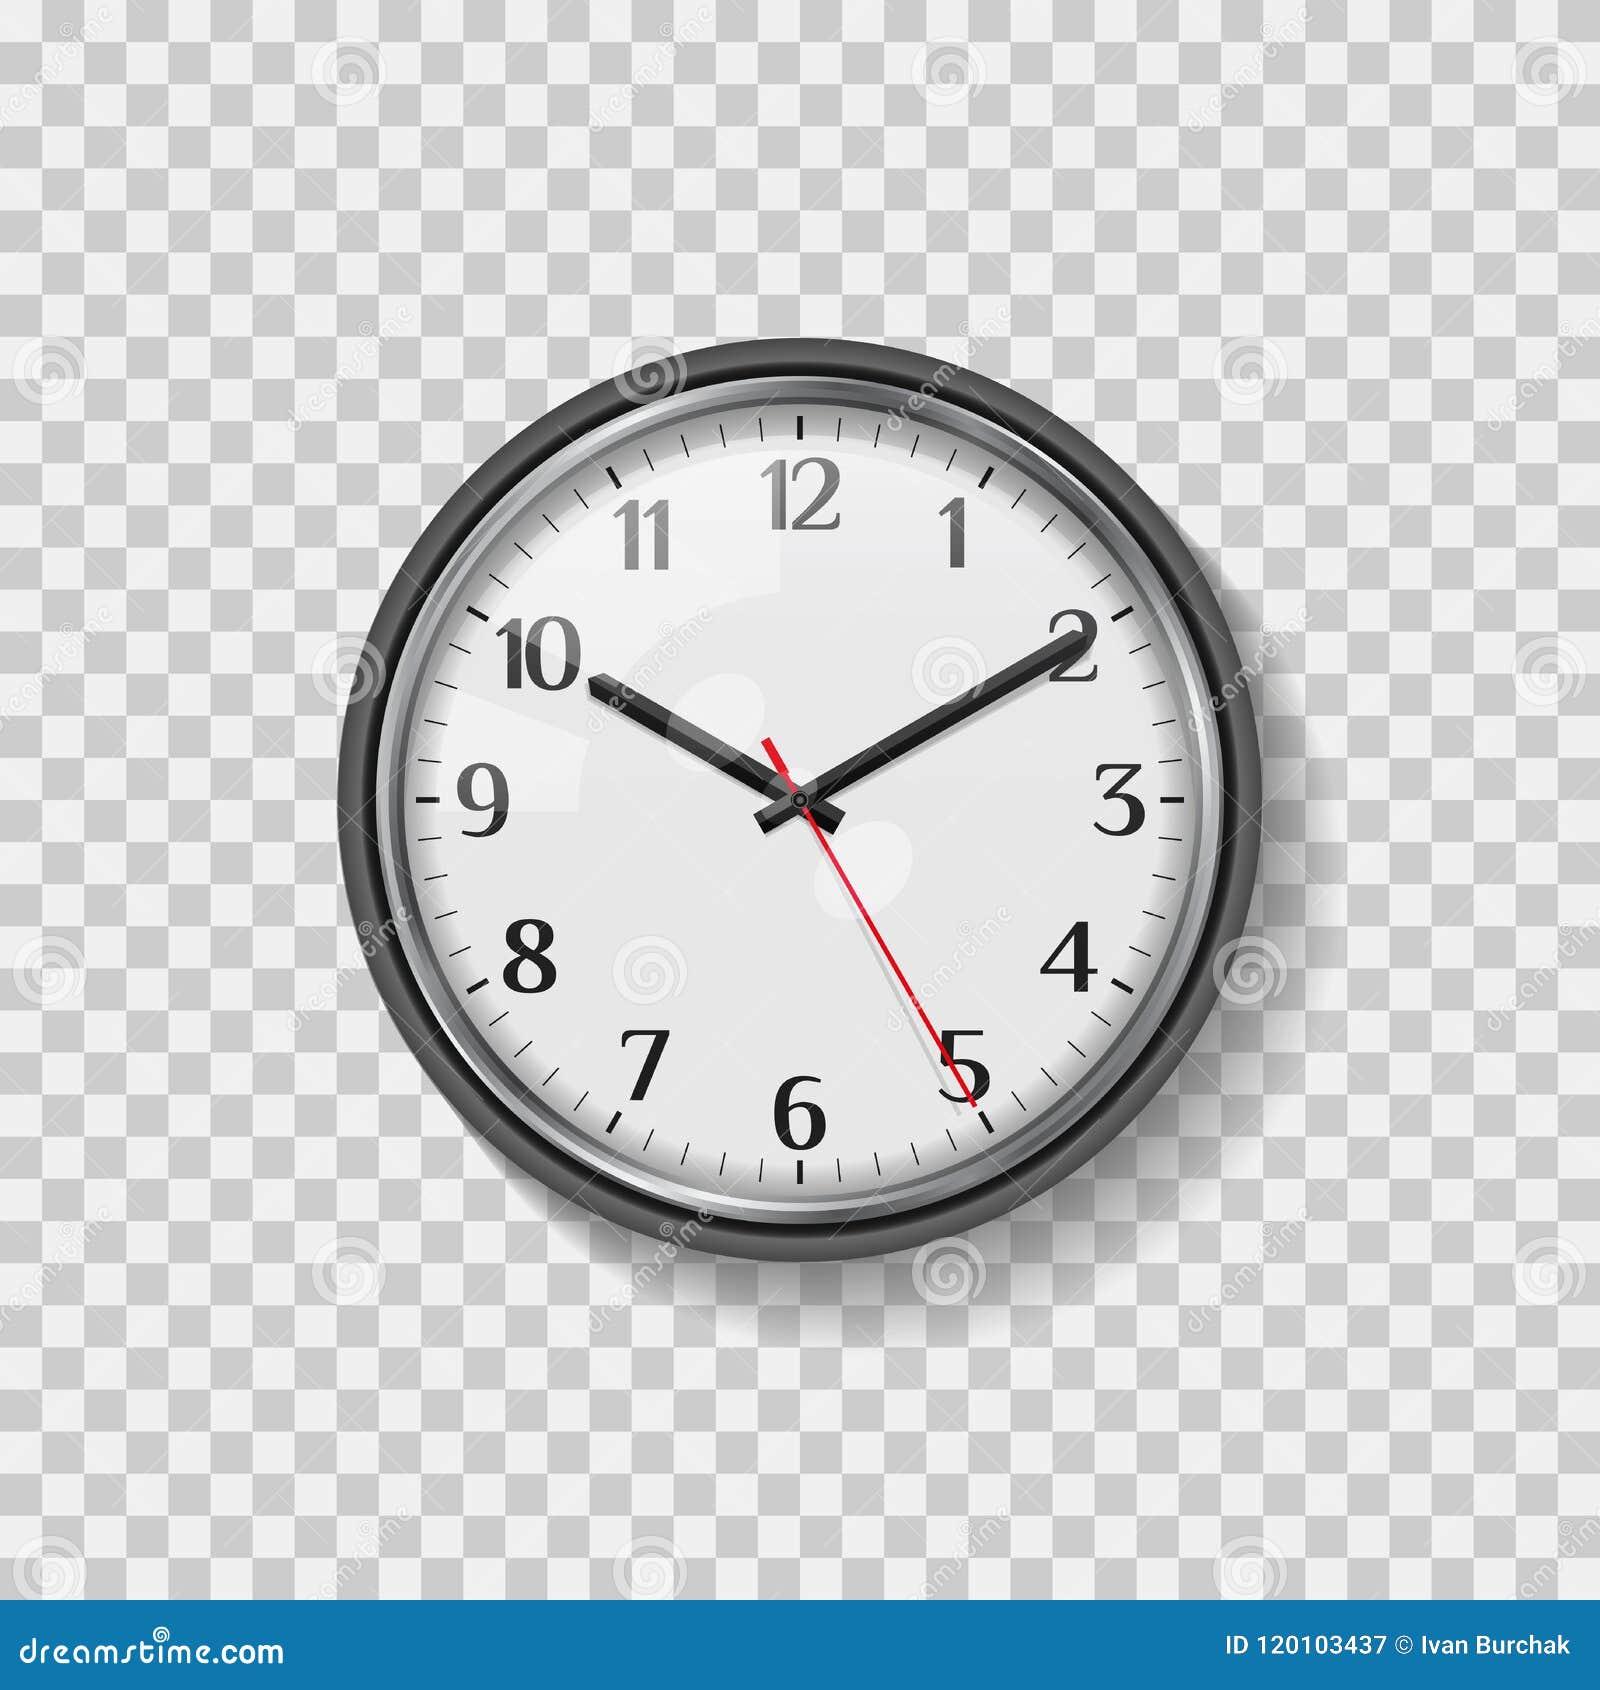 Reloj de pared redondo del análogo de cuarzo Reloj moderno de la oficina de Minimalistic Cara de reloj con números árabes Arte re